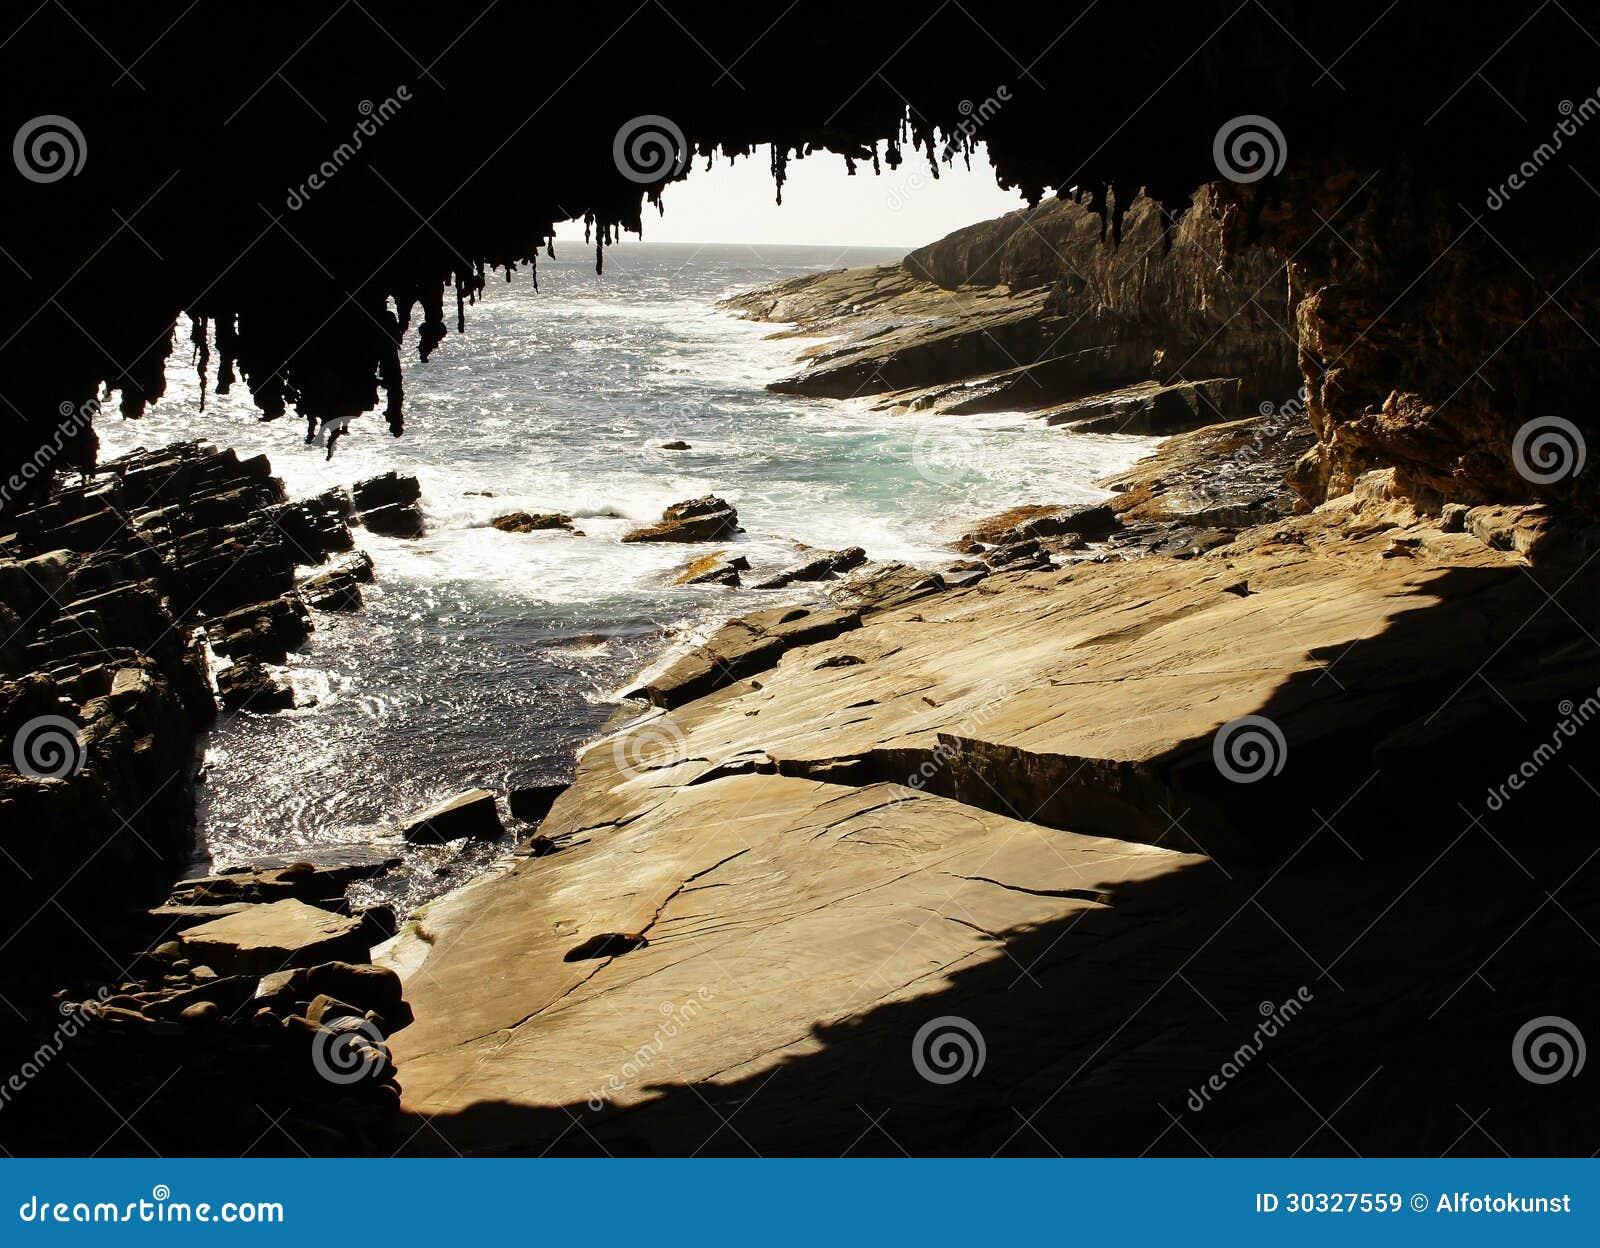 海军上将曲拱,澳大利亚